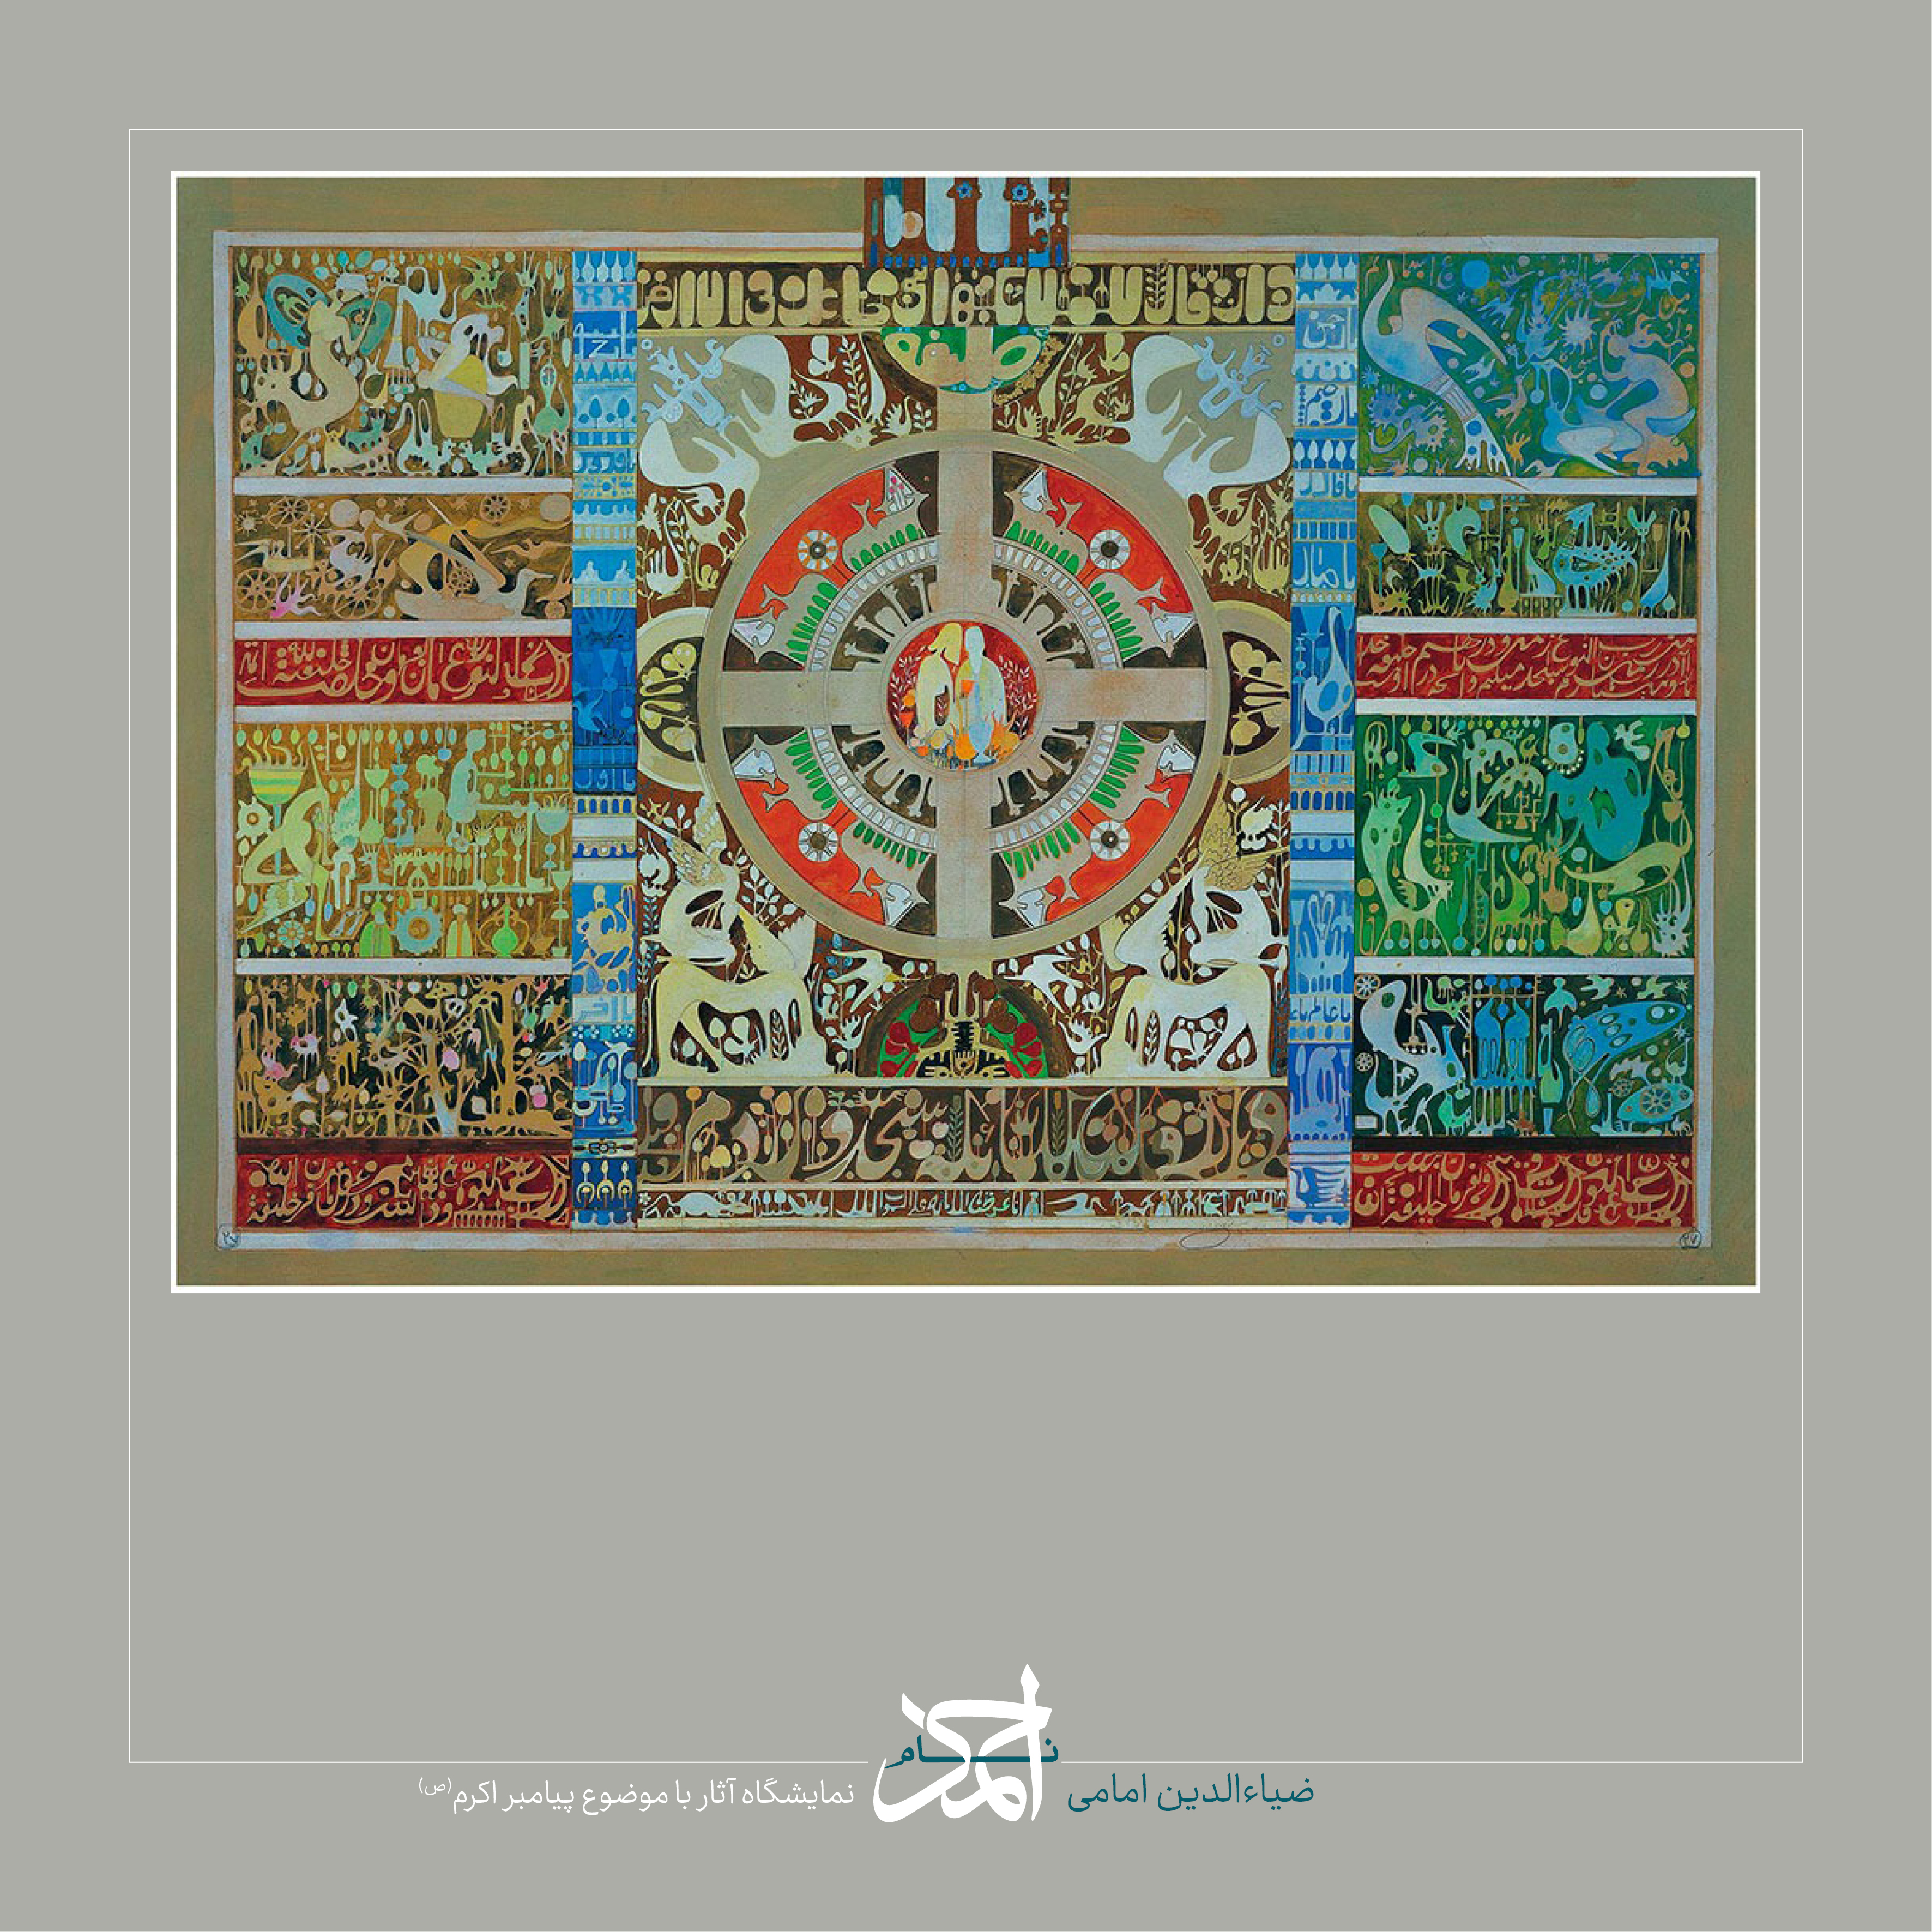 آثاری با  با موضوع پیامبر اعظم اسلام در نمایشگاه مجازی نام احمد